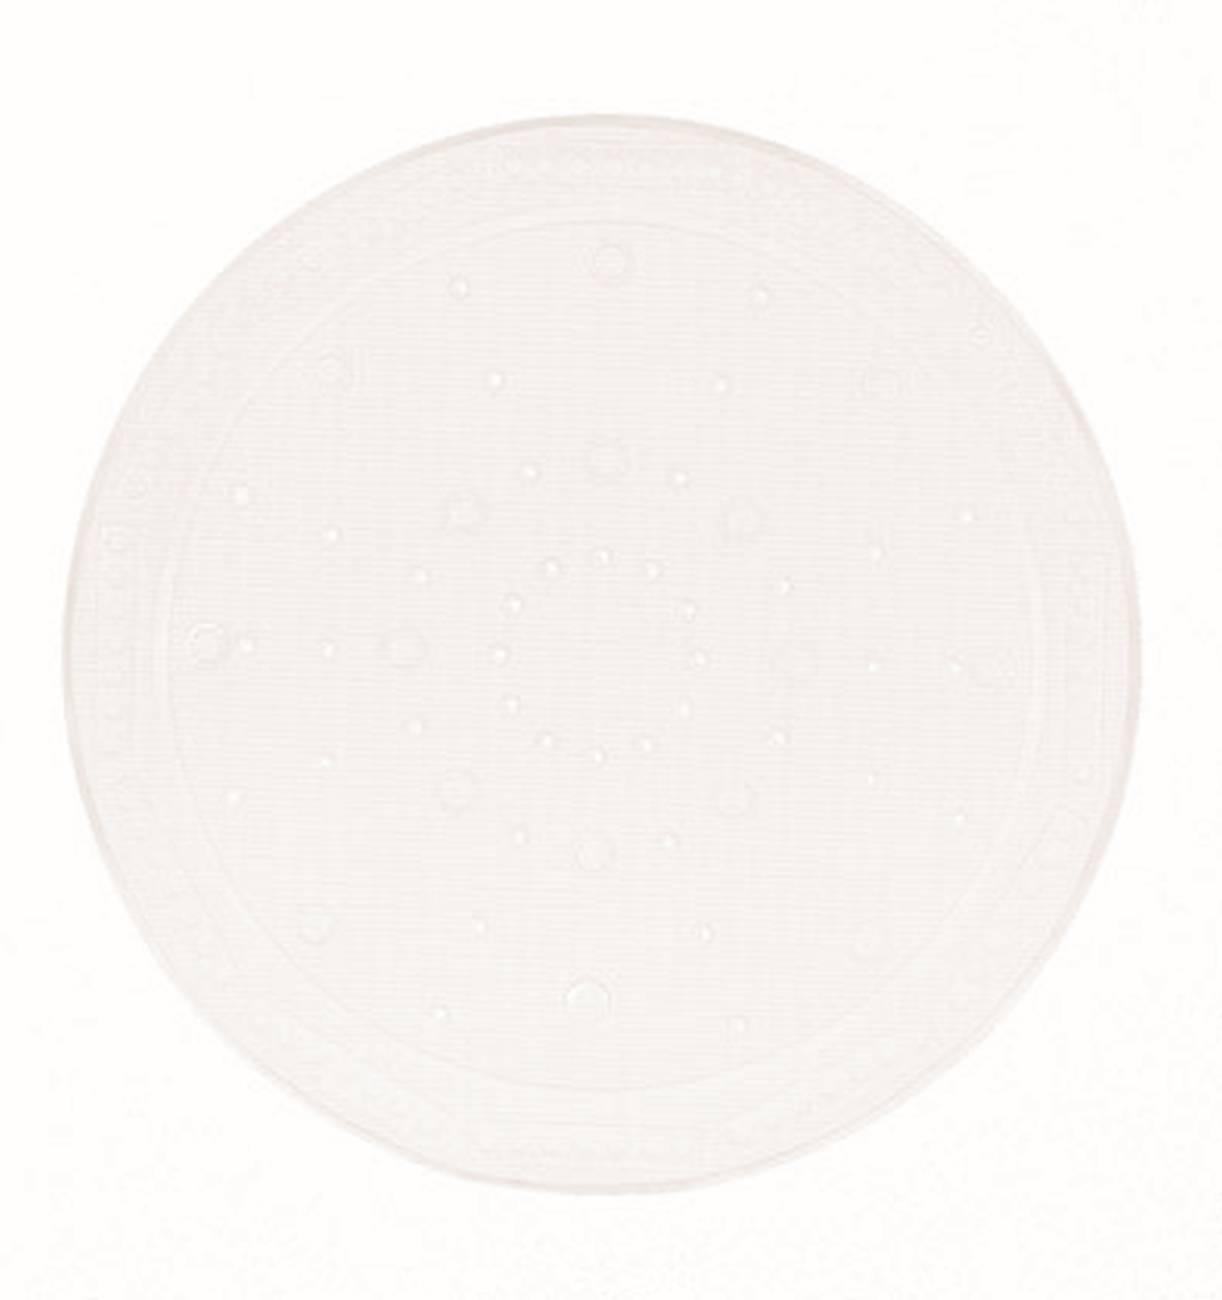 Duscheinlage Arosa PVC Weiss 55 cm rund